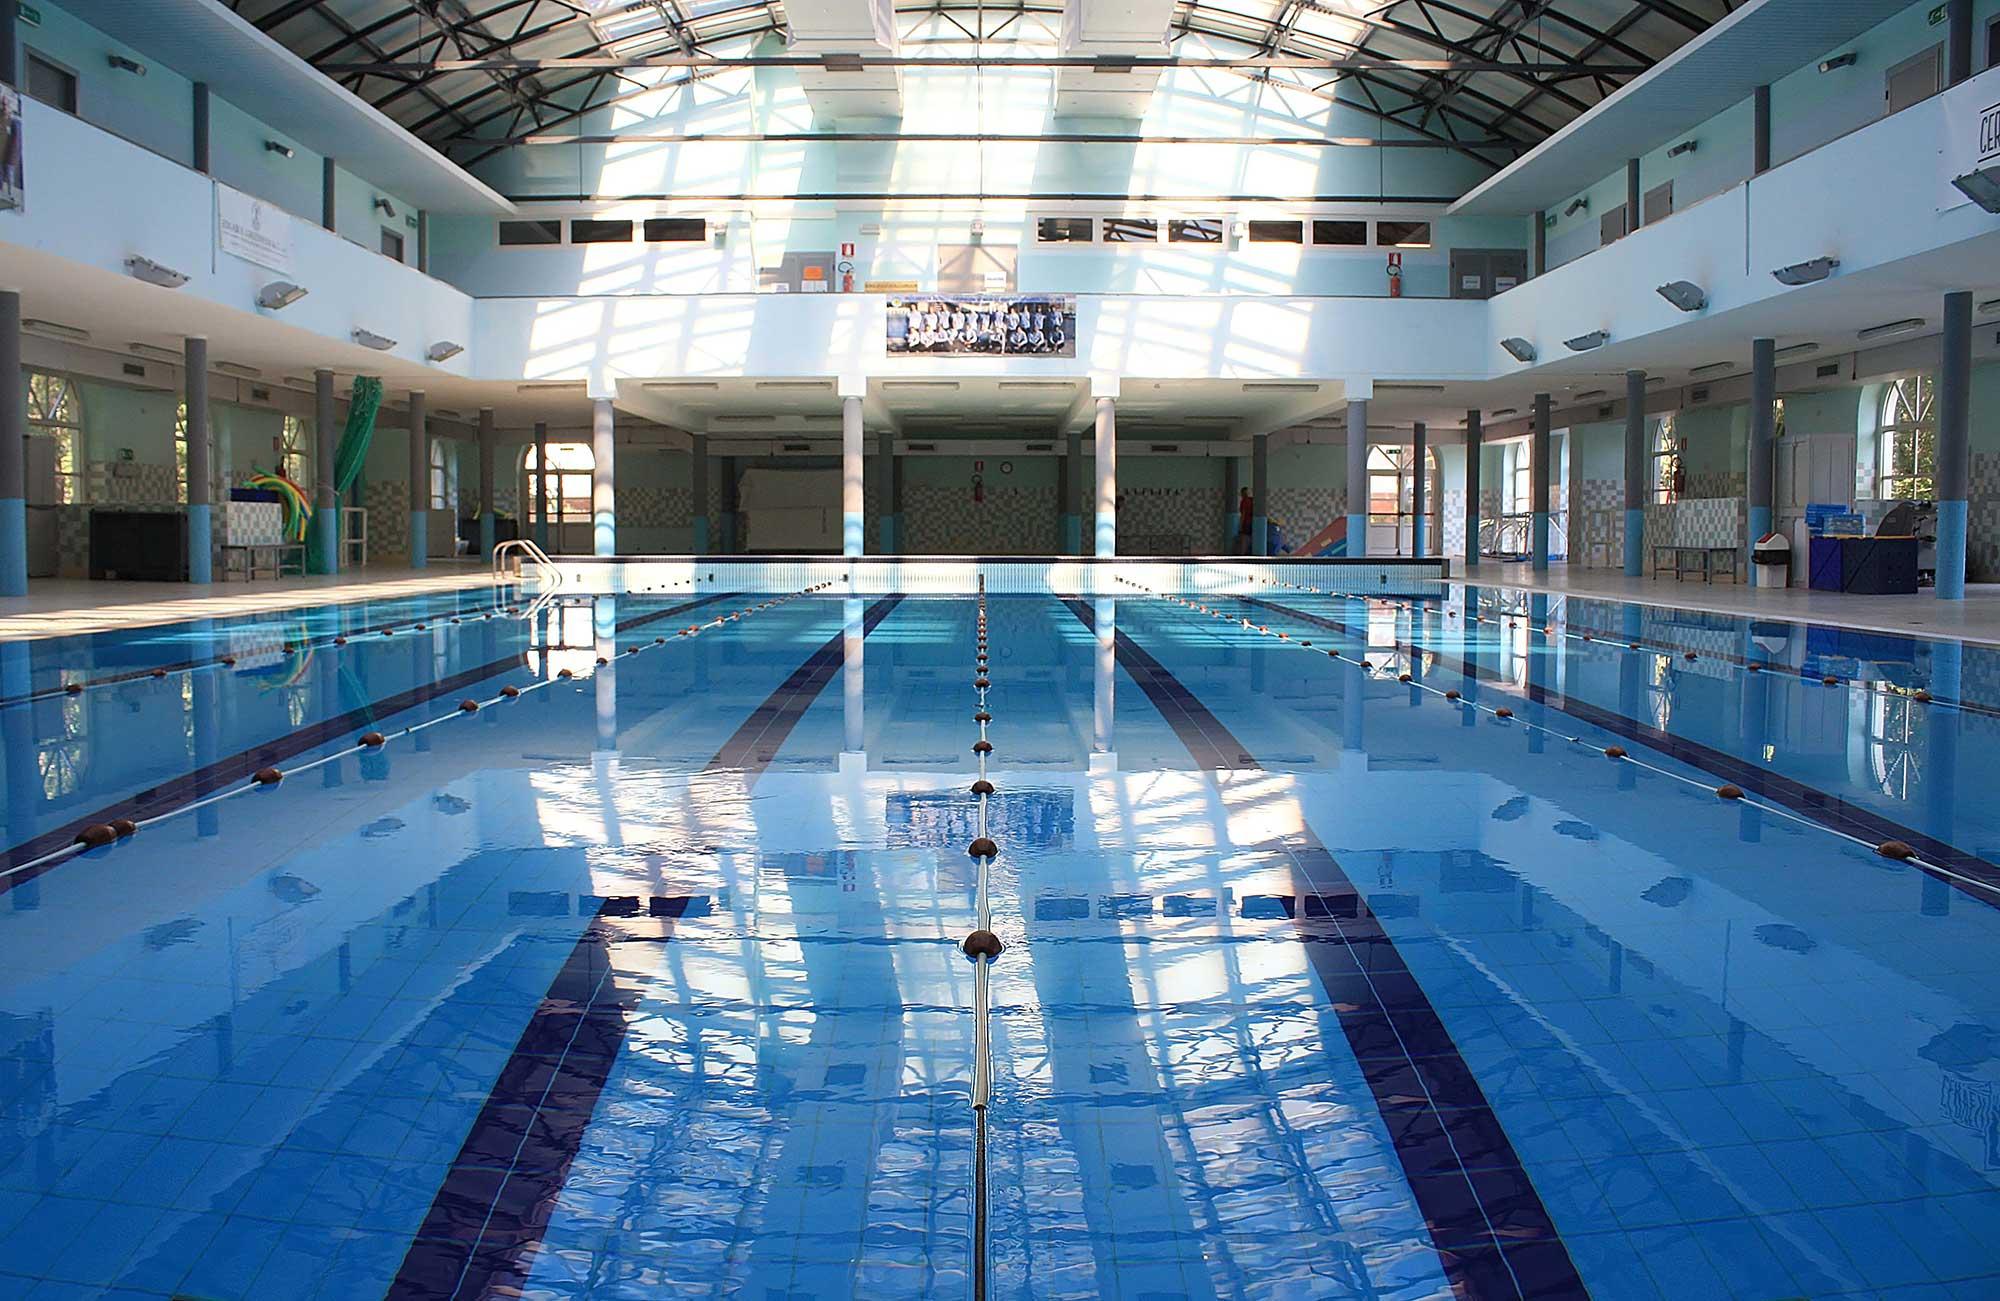 Piscina di san giovanni sabato 17 settembre open day - San giovanni in persiceto piscina ...